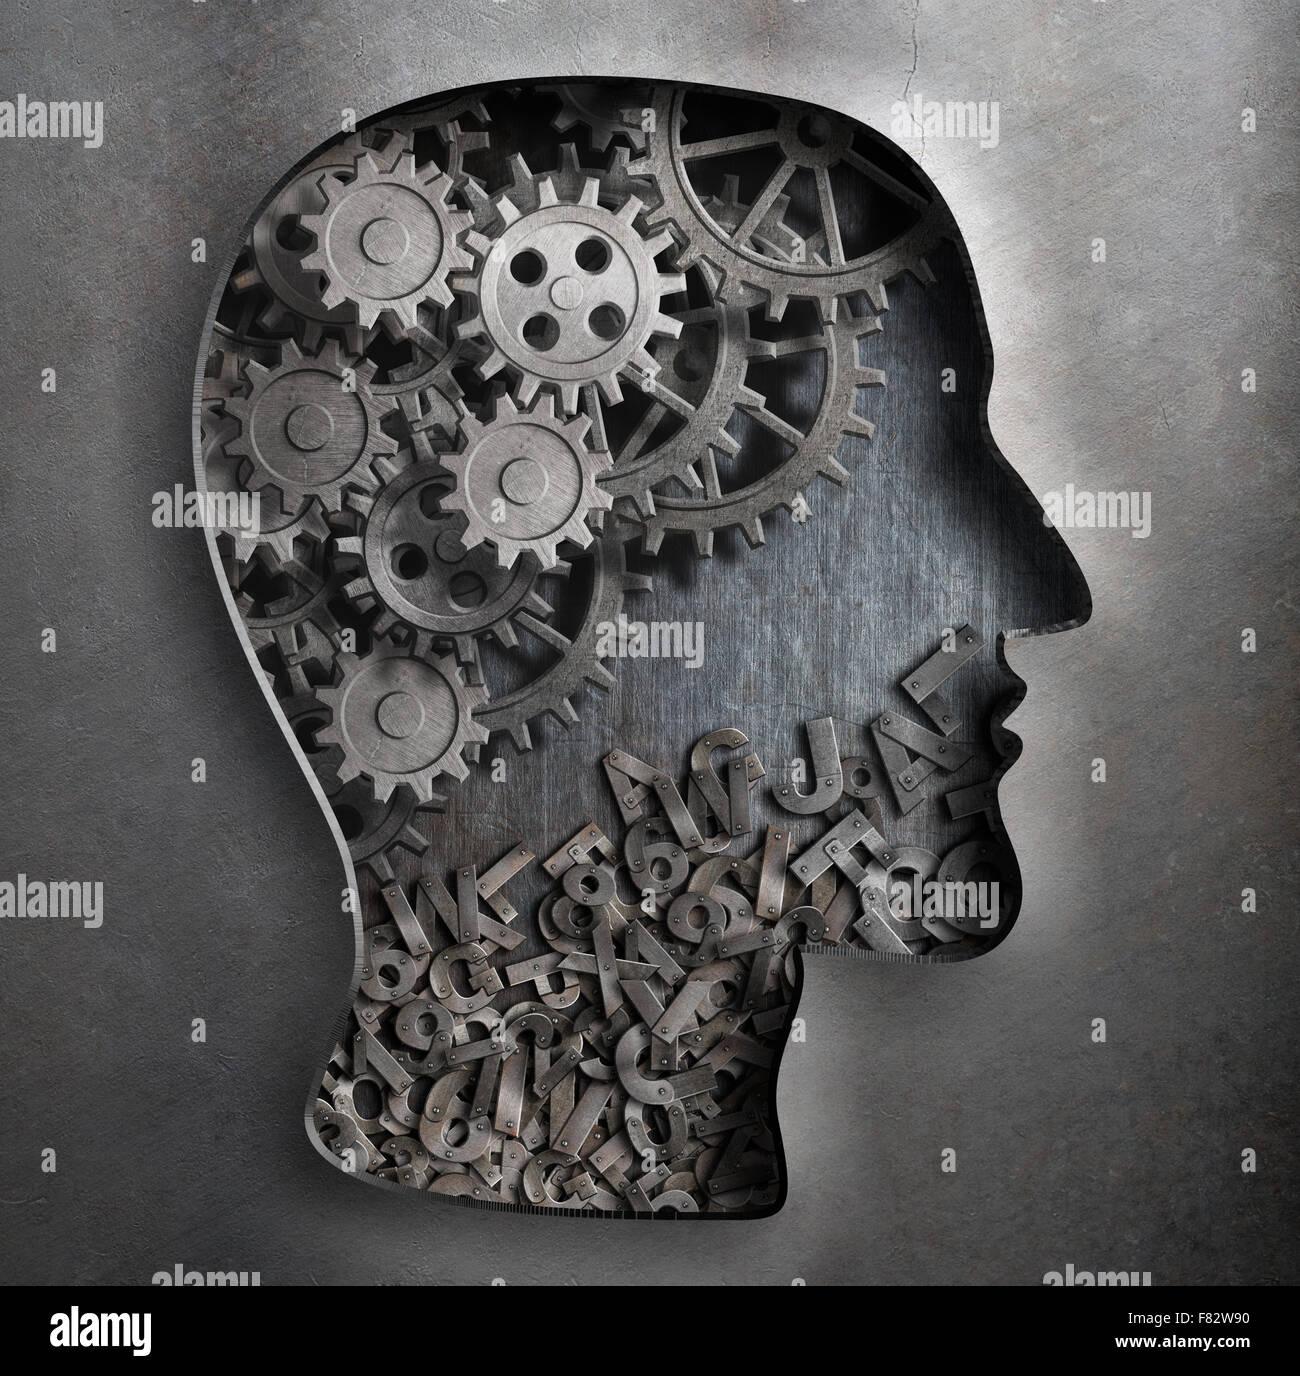 Modèle de travail du cerveau. La pensée, psychologie, créativité, langue concept. Photo Stock